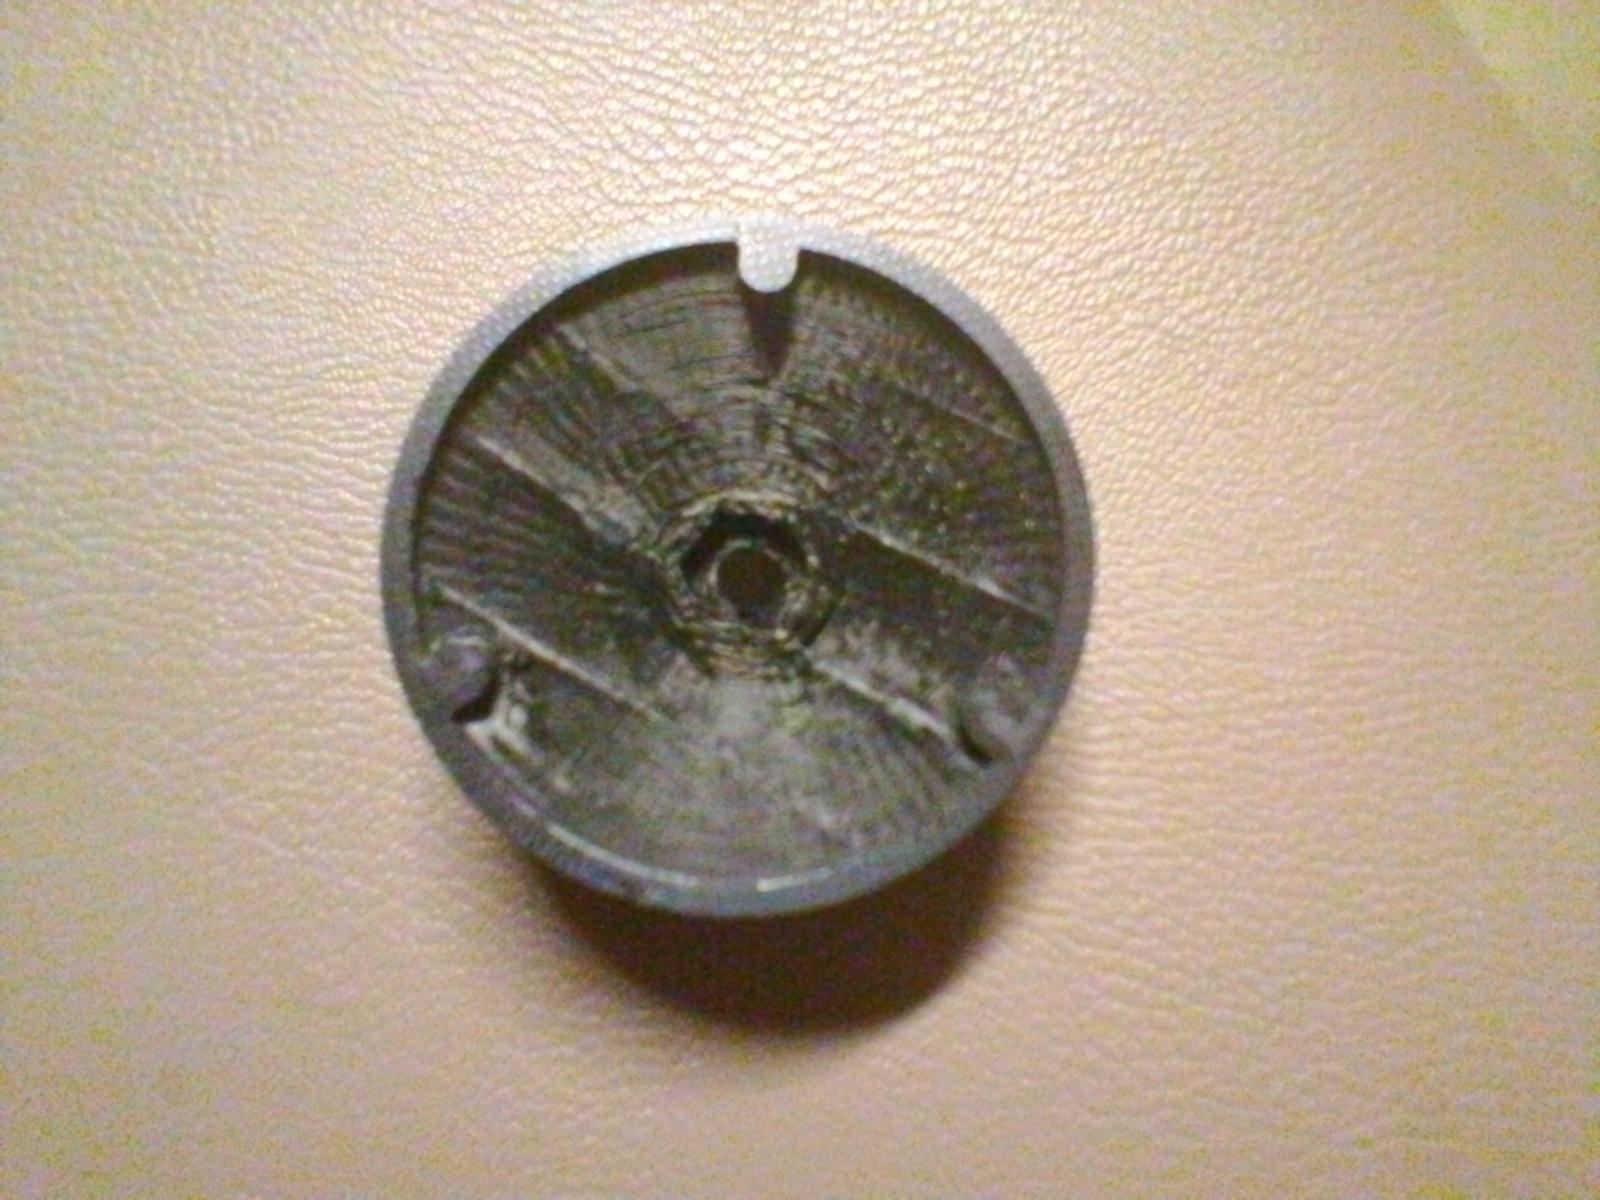 Recherche fabrication de rotor de sèche-cheveux - Merci aux Métabricoleurx 1809300940456234115918498